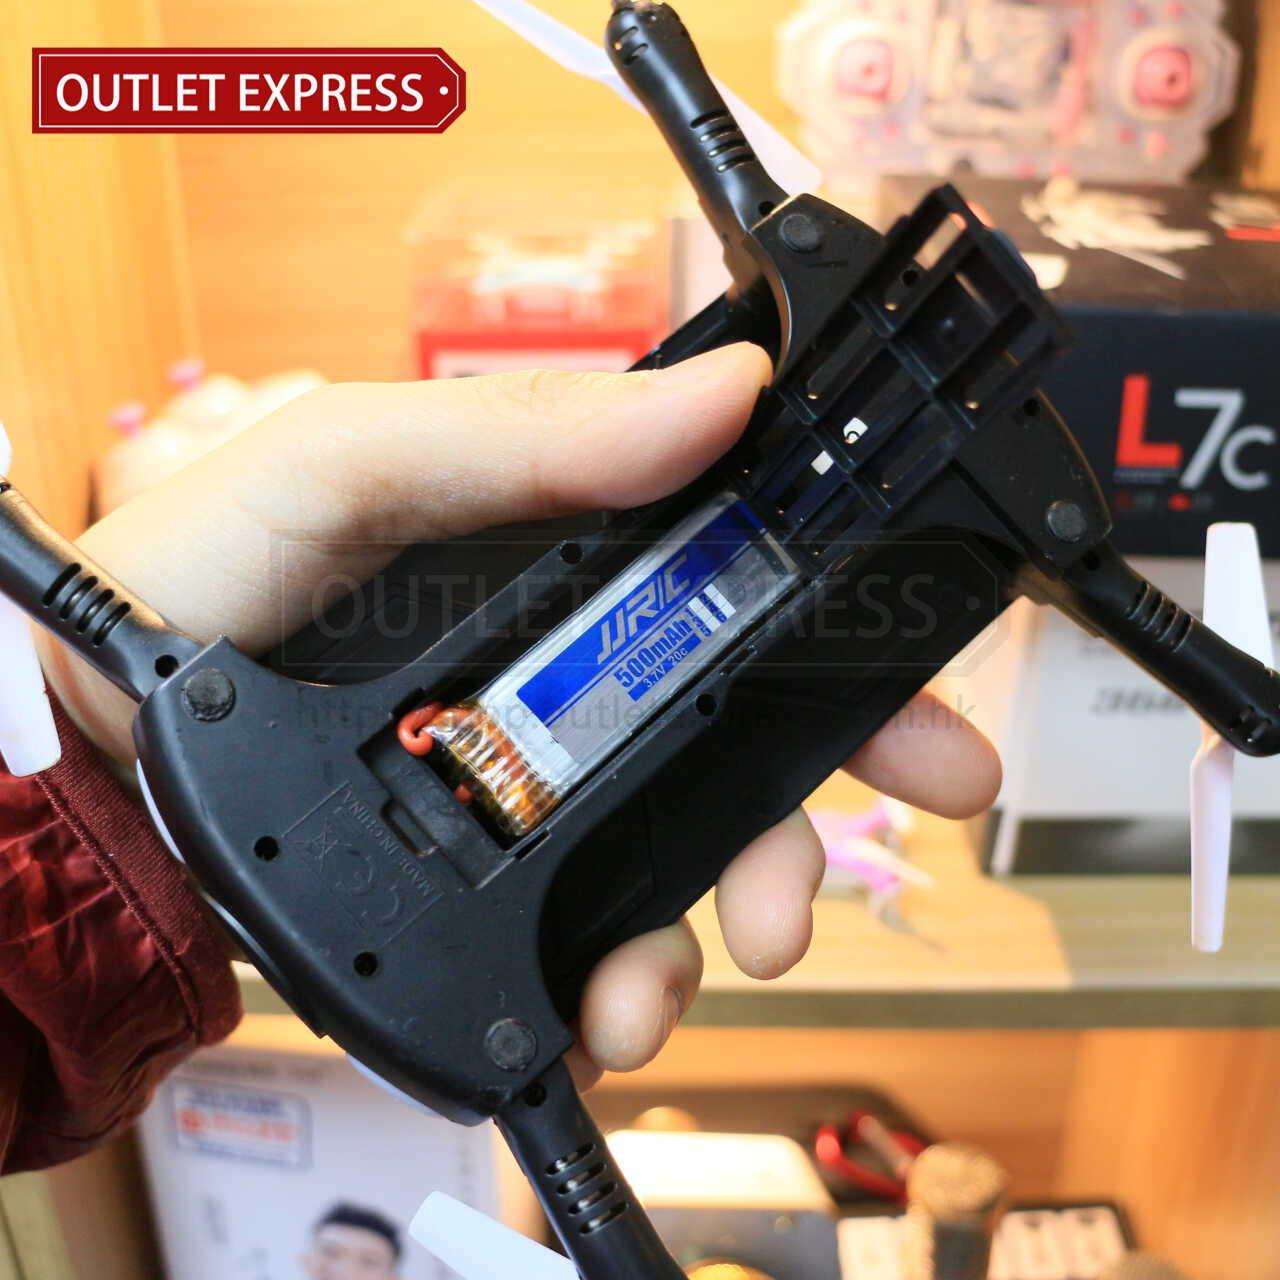 JJRC H37 可折疊迷你四軸無人機飛行器 電池- Outlet Express HK生活百貨城實拍相片